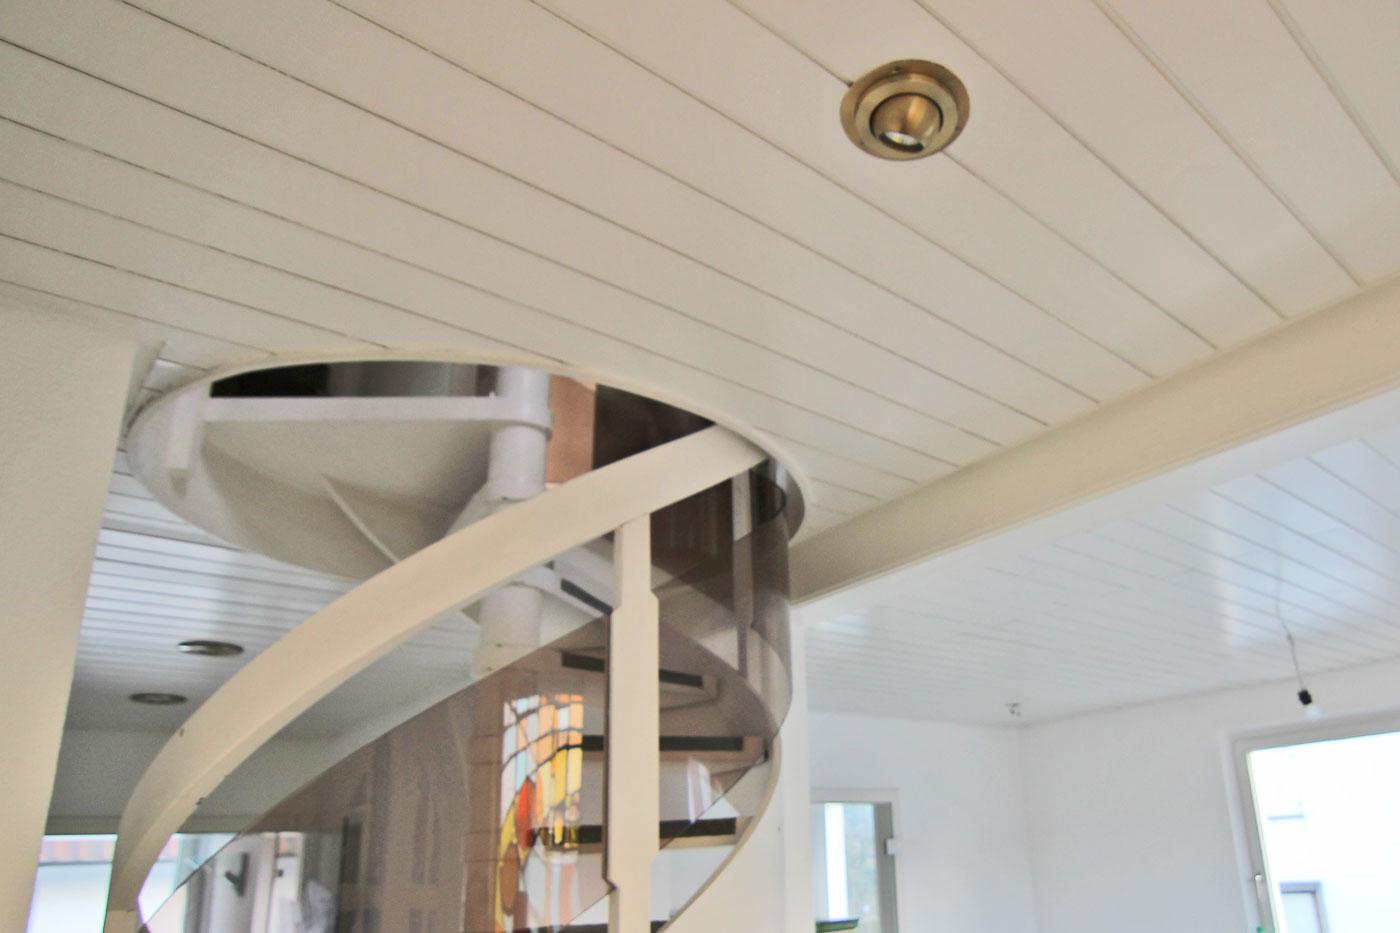 Spanndeckenstudio Teller - Referenzen - Flur 002